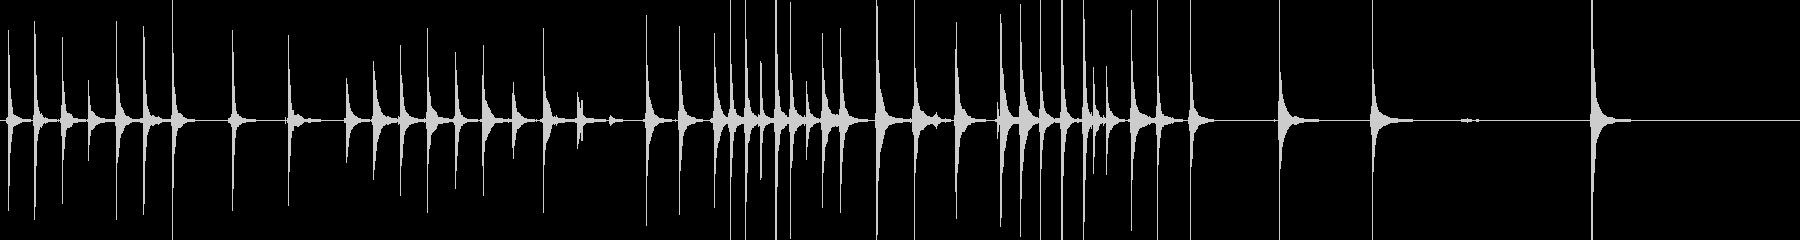 三味線96鷺娘28段切生音歌舞伎妖怪鷺雪の未再生の波形